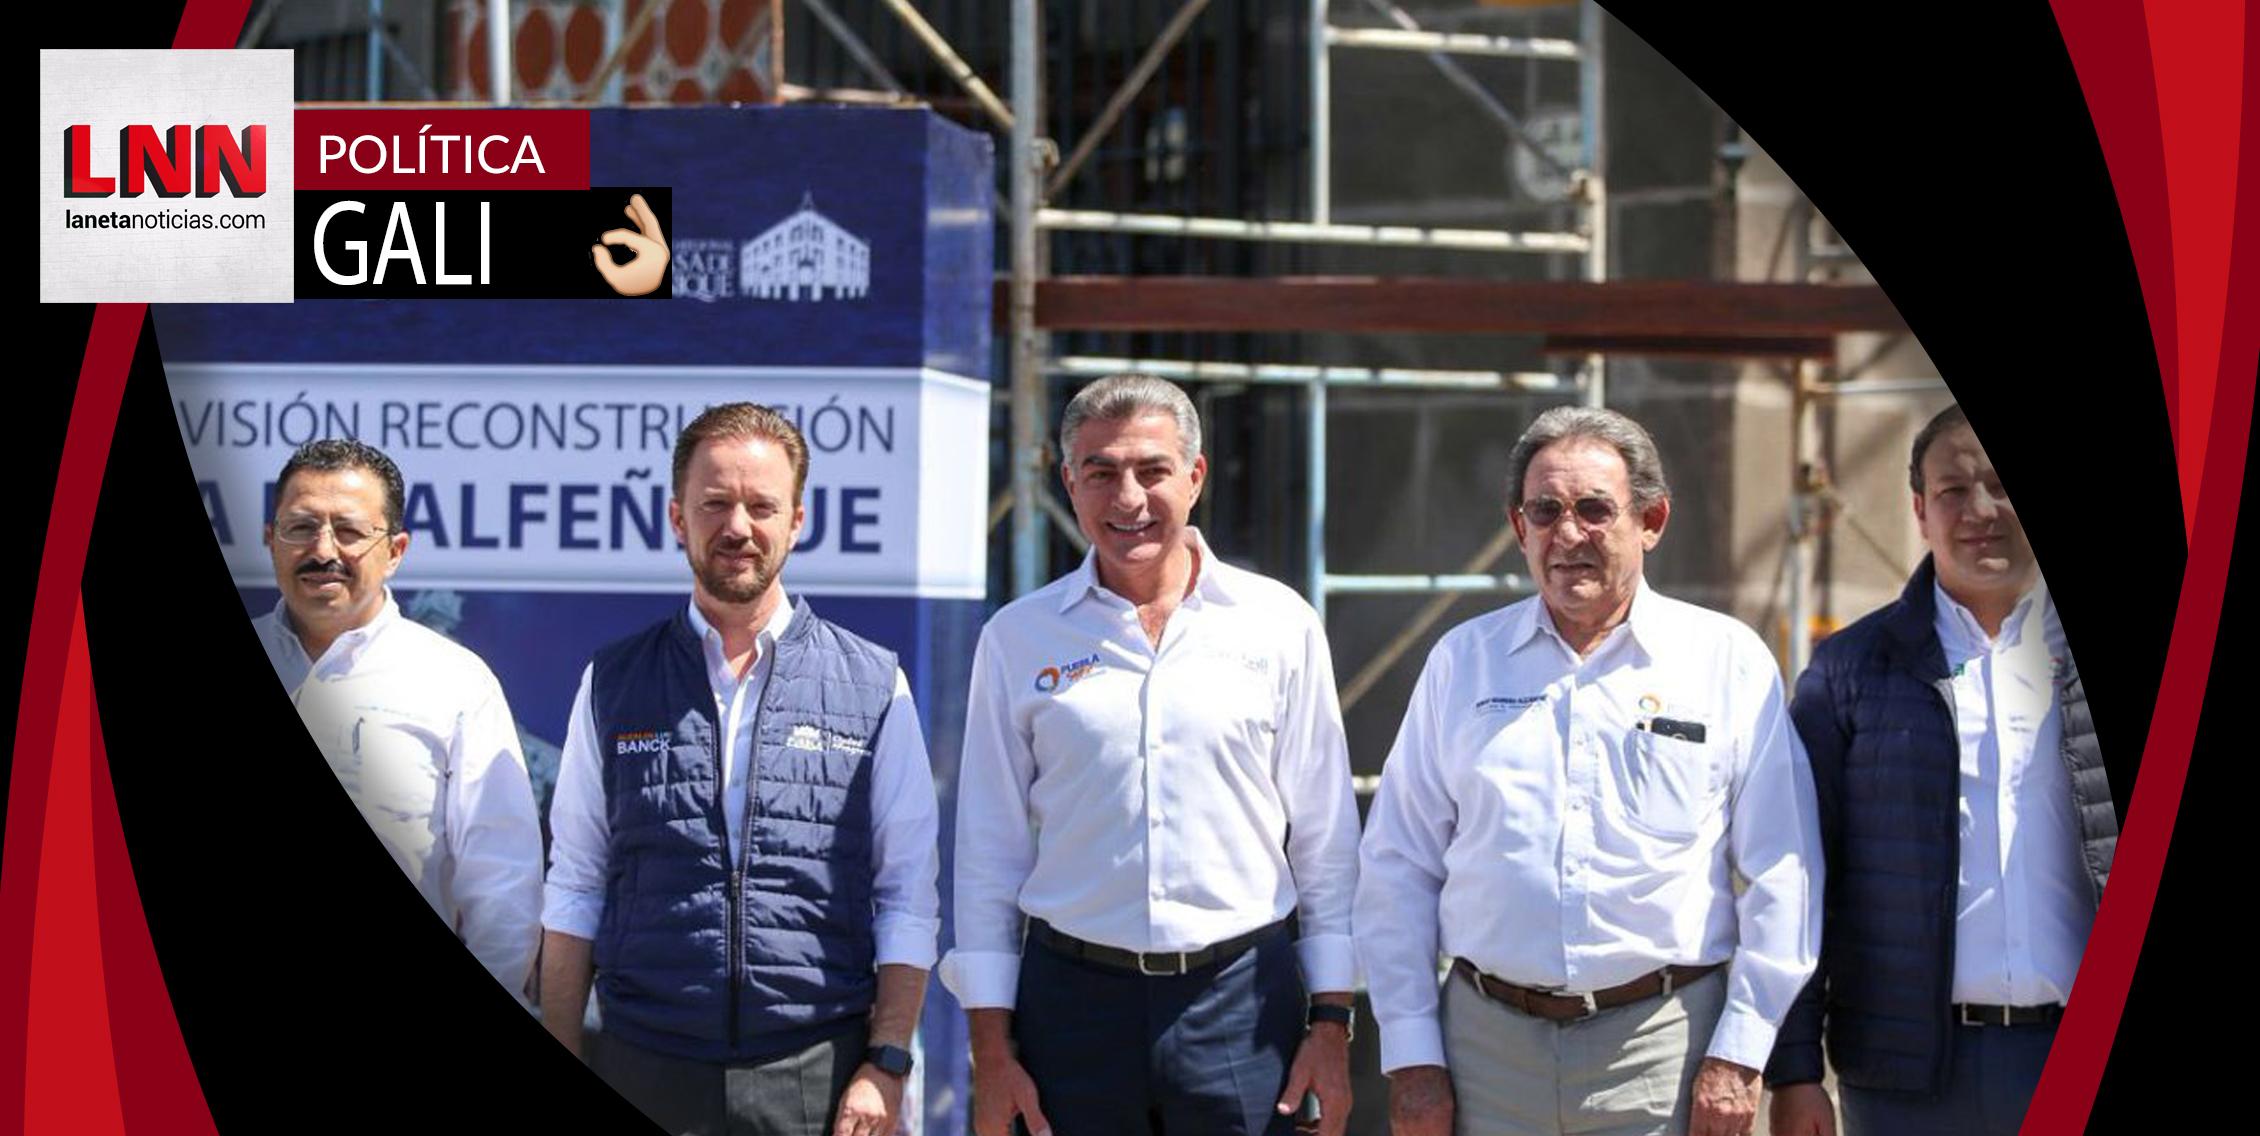 Tony Gali informa sobre avances en reconstrucción de la Casa de Alfeñique